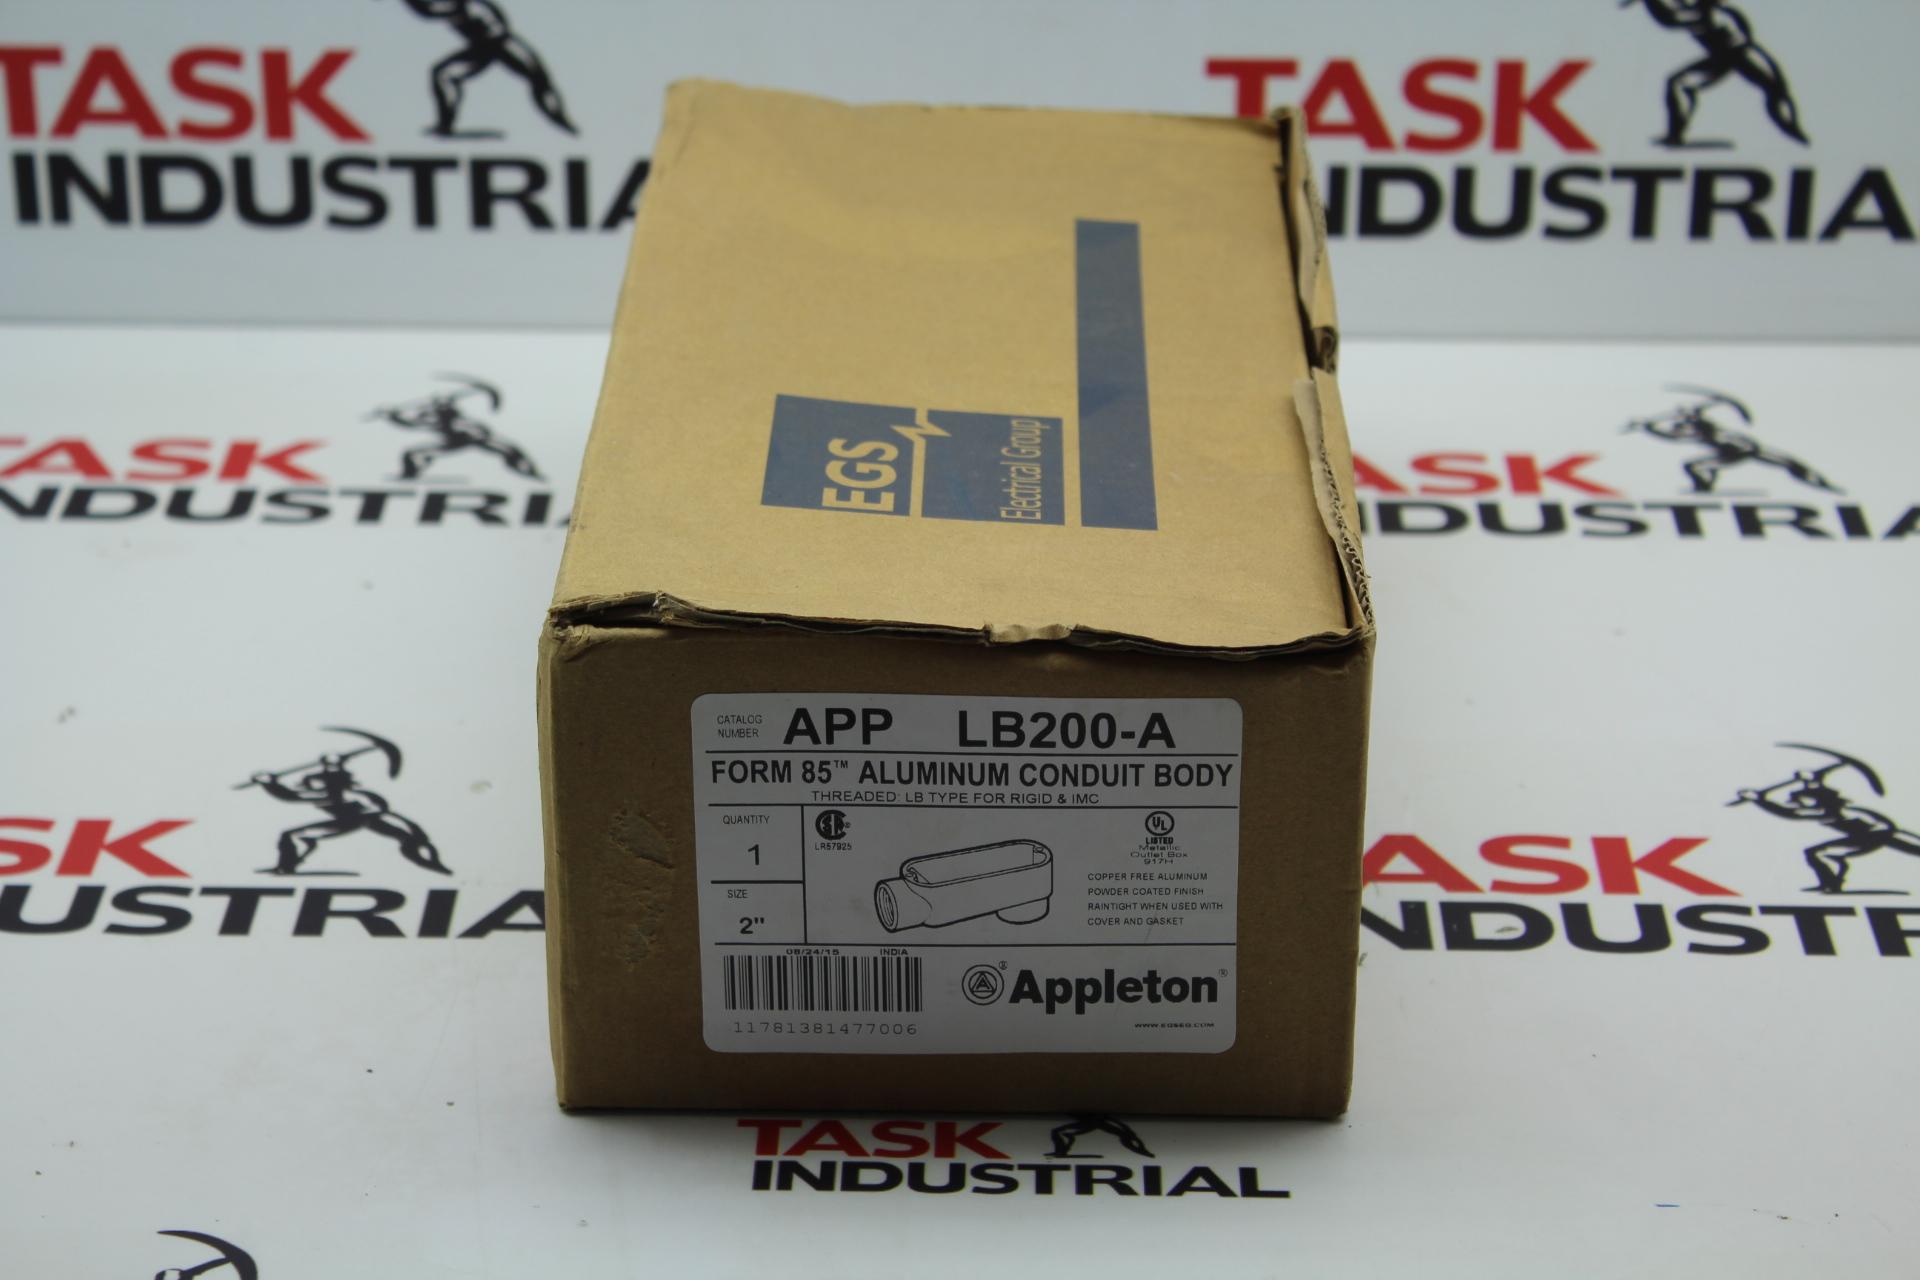 """Appleton Form 85 Aluminum Conduit Body Qty 1 Size 2"""" LB200-A APP"""